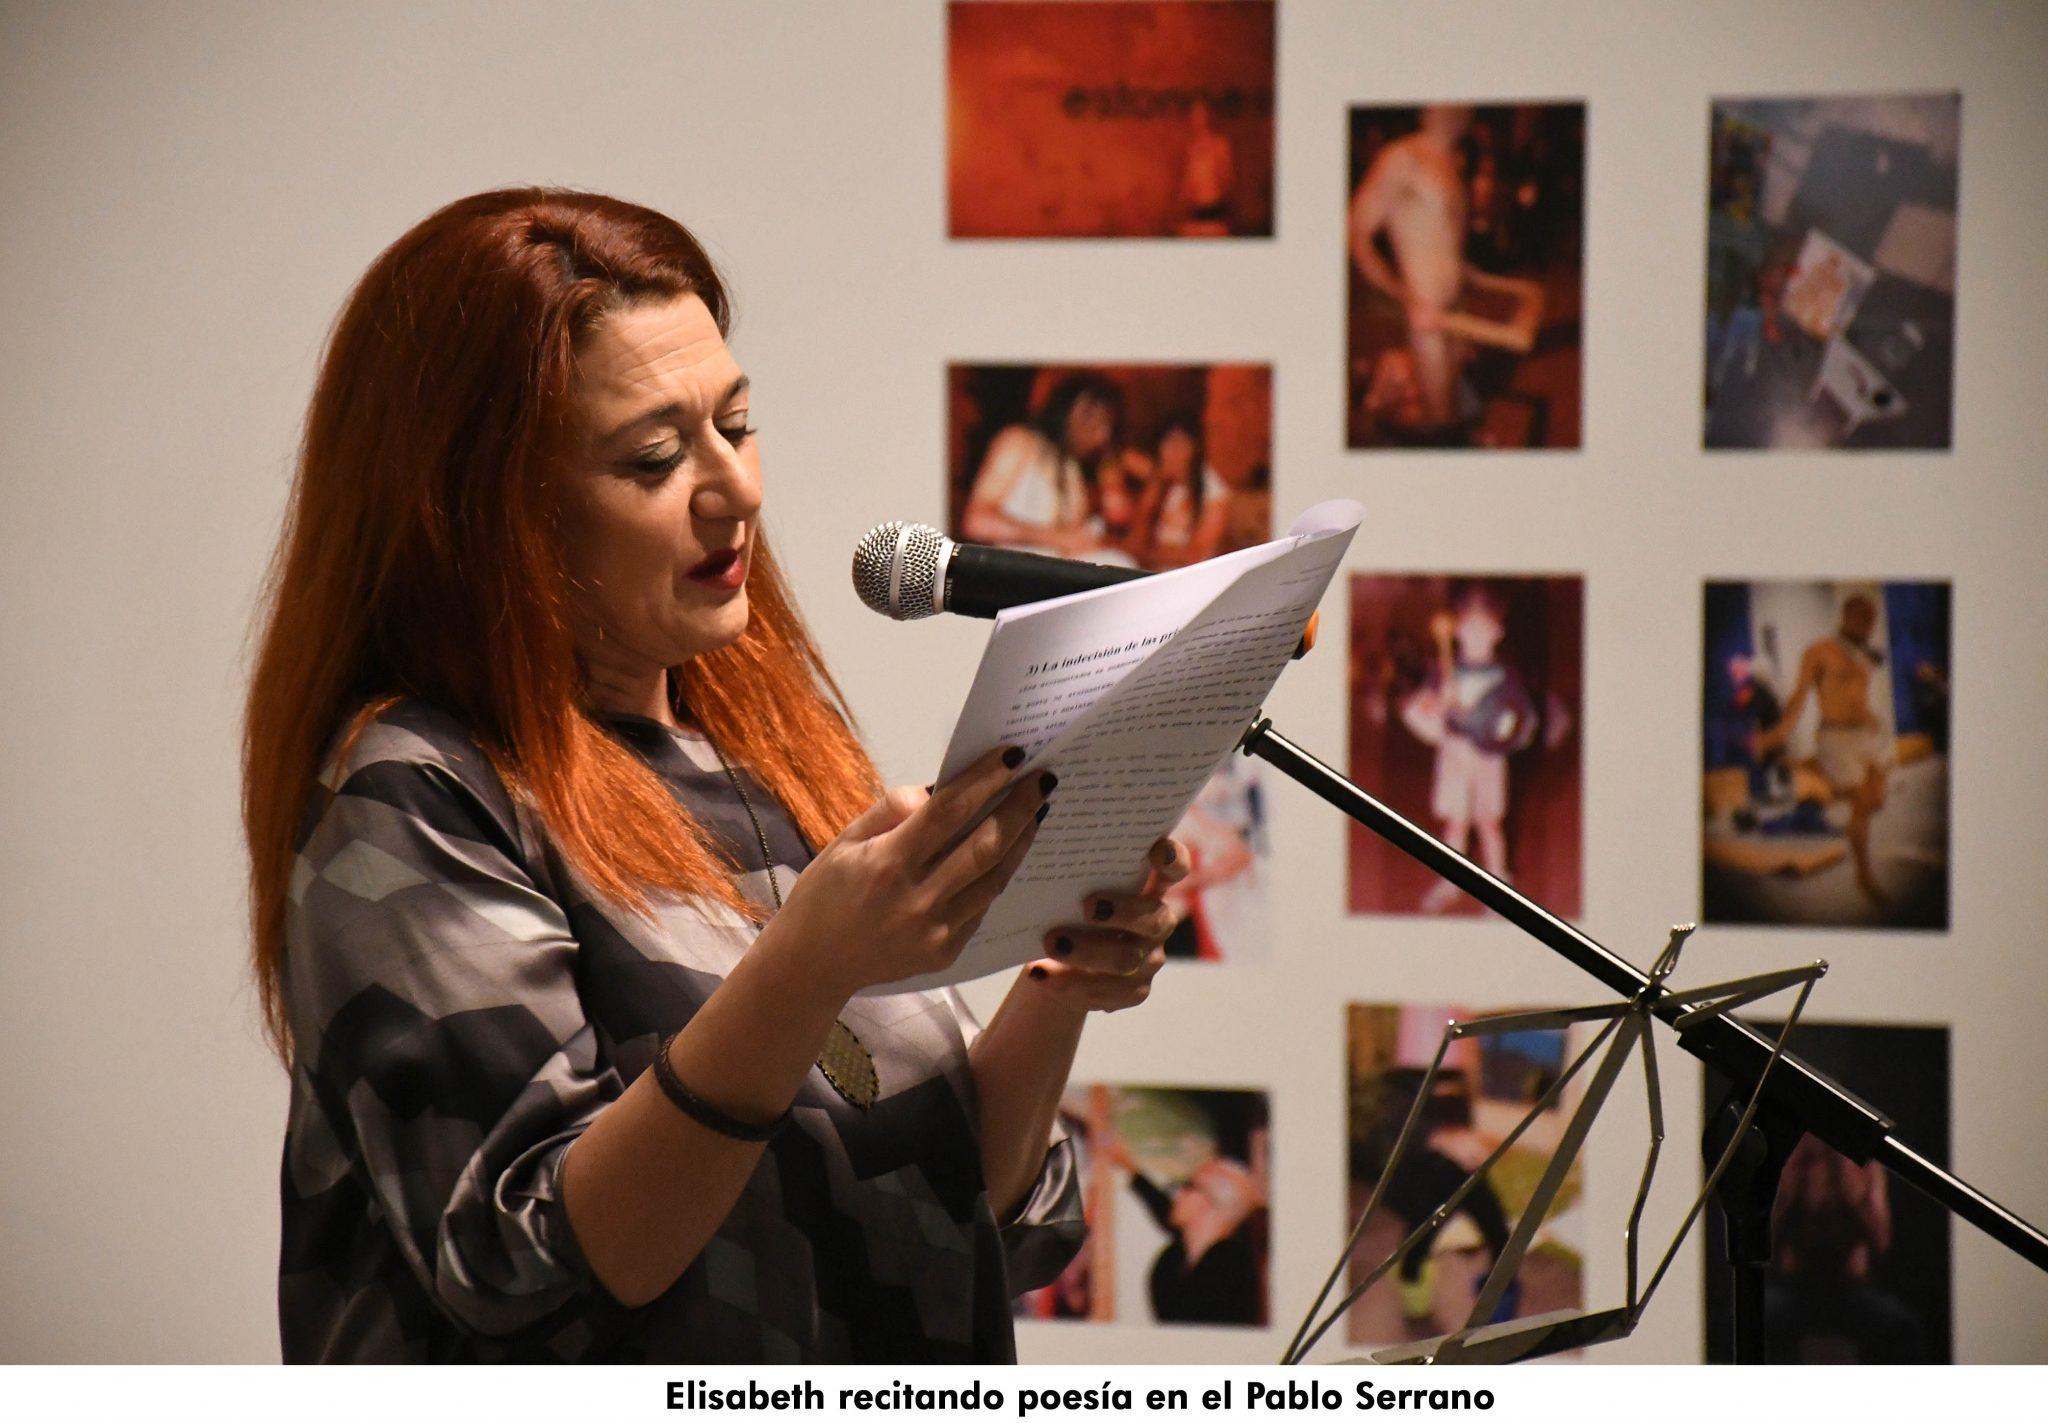 13. Elisabeth Iborra recitando poesia